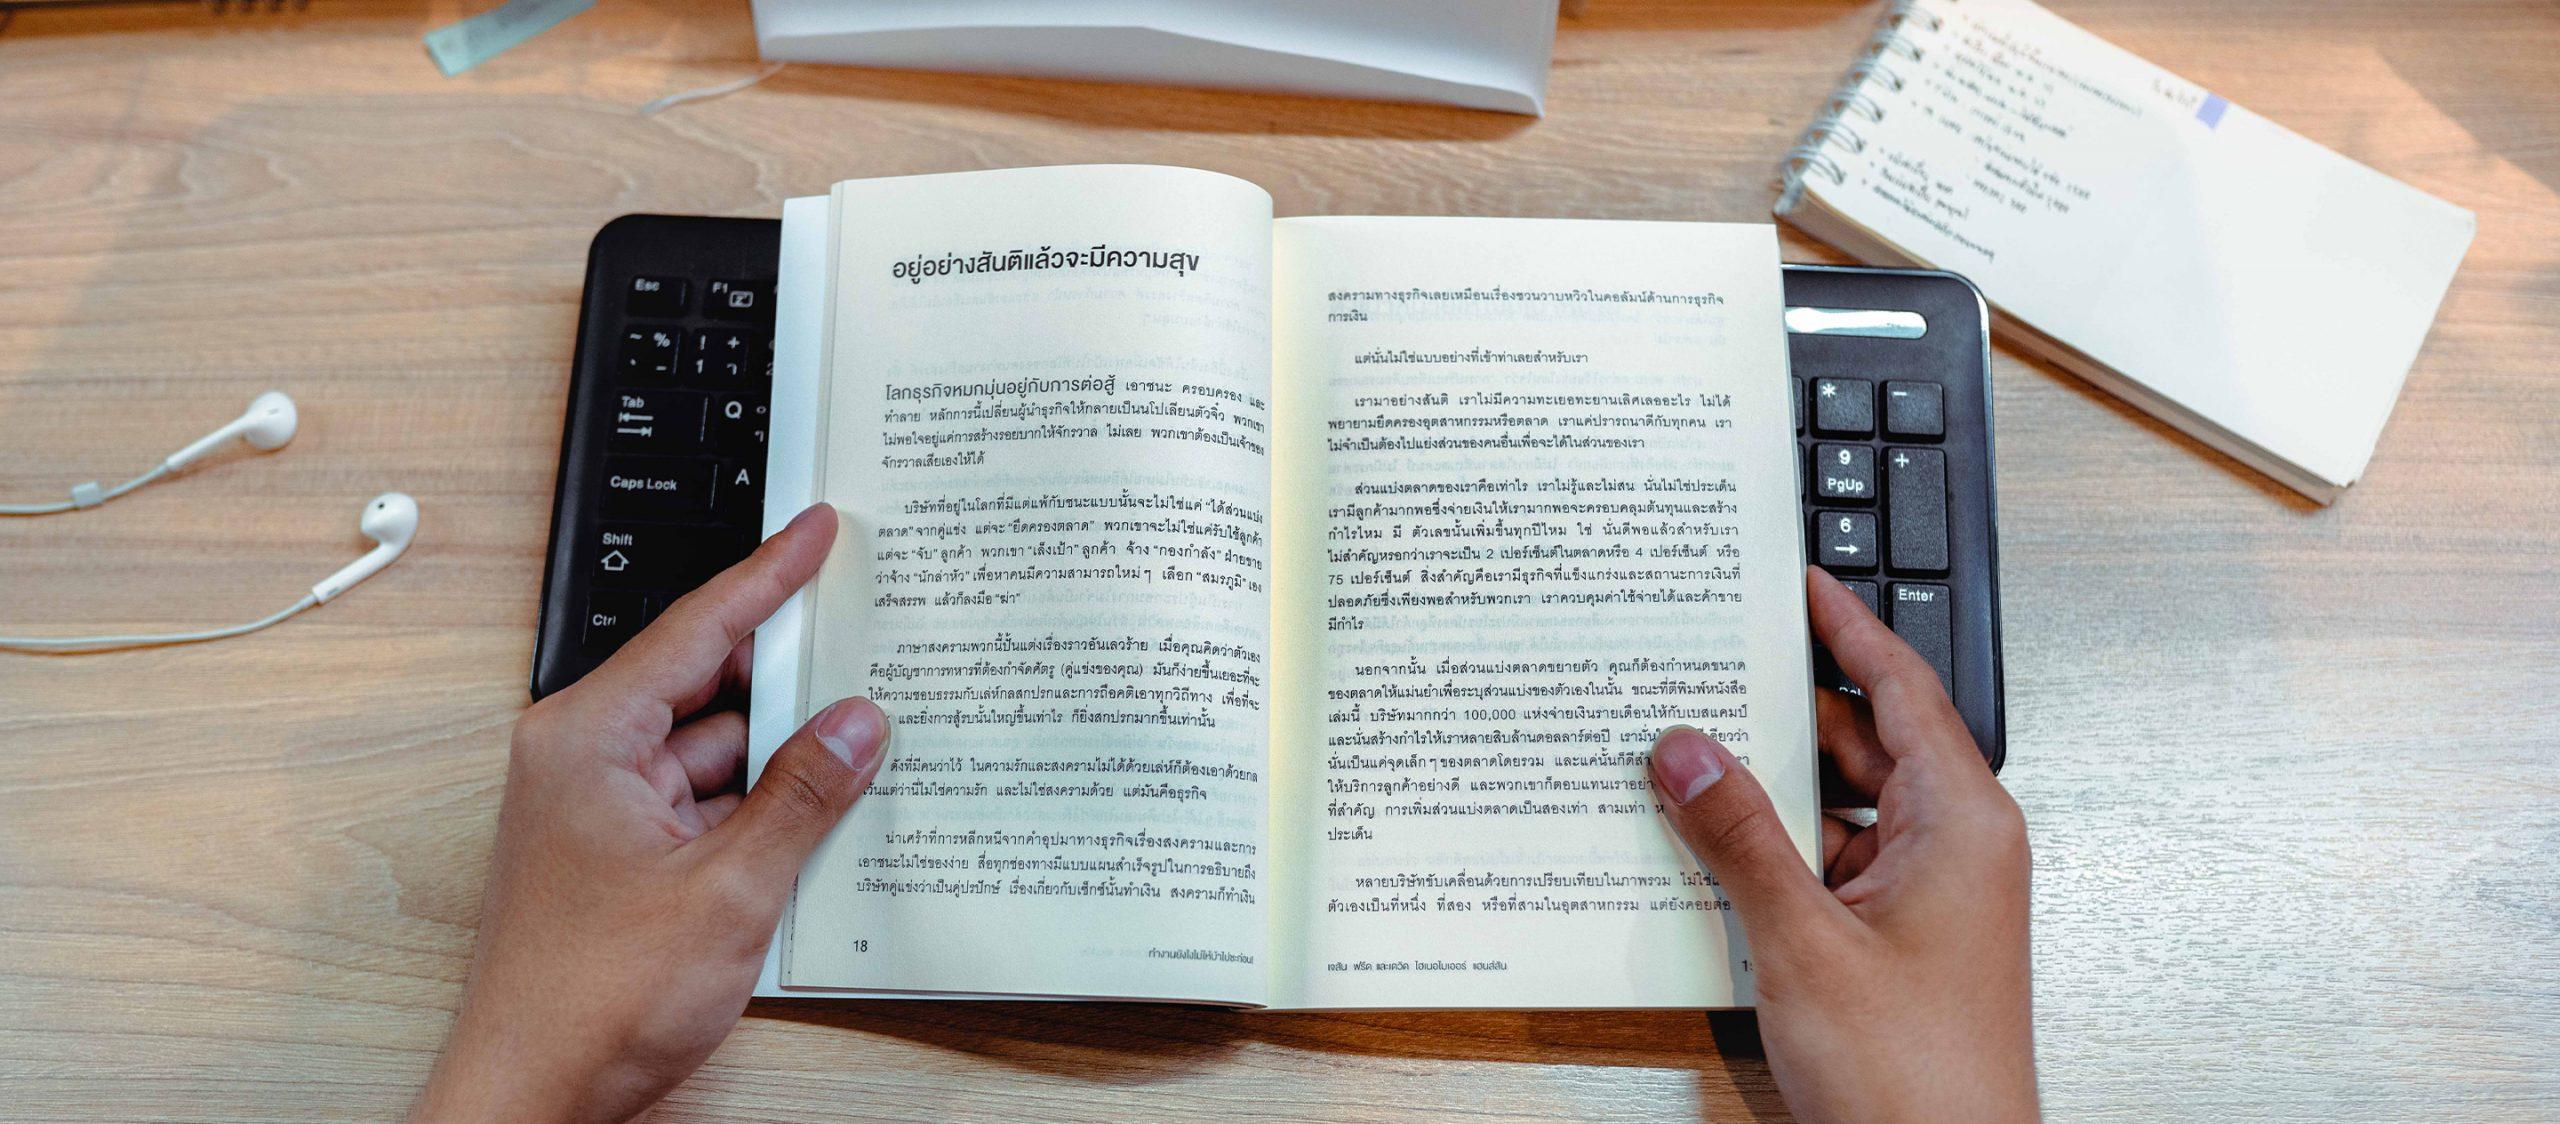 """""""!!^&#E=!*)@#)!$*)!!"""" ในวันงานล้นใกล้บ้า ฉันอ่าน ทำงานยังไงไม่ให้บ้าไปซะก่อน"""